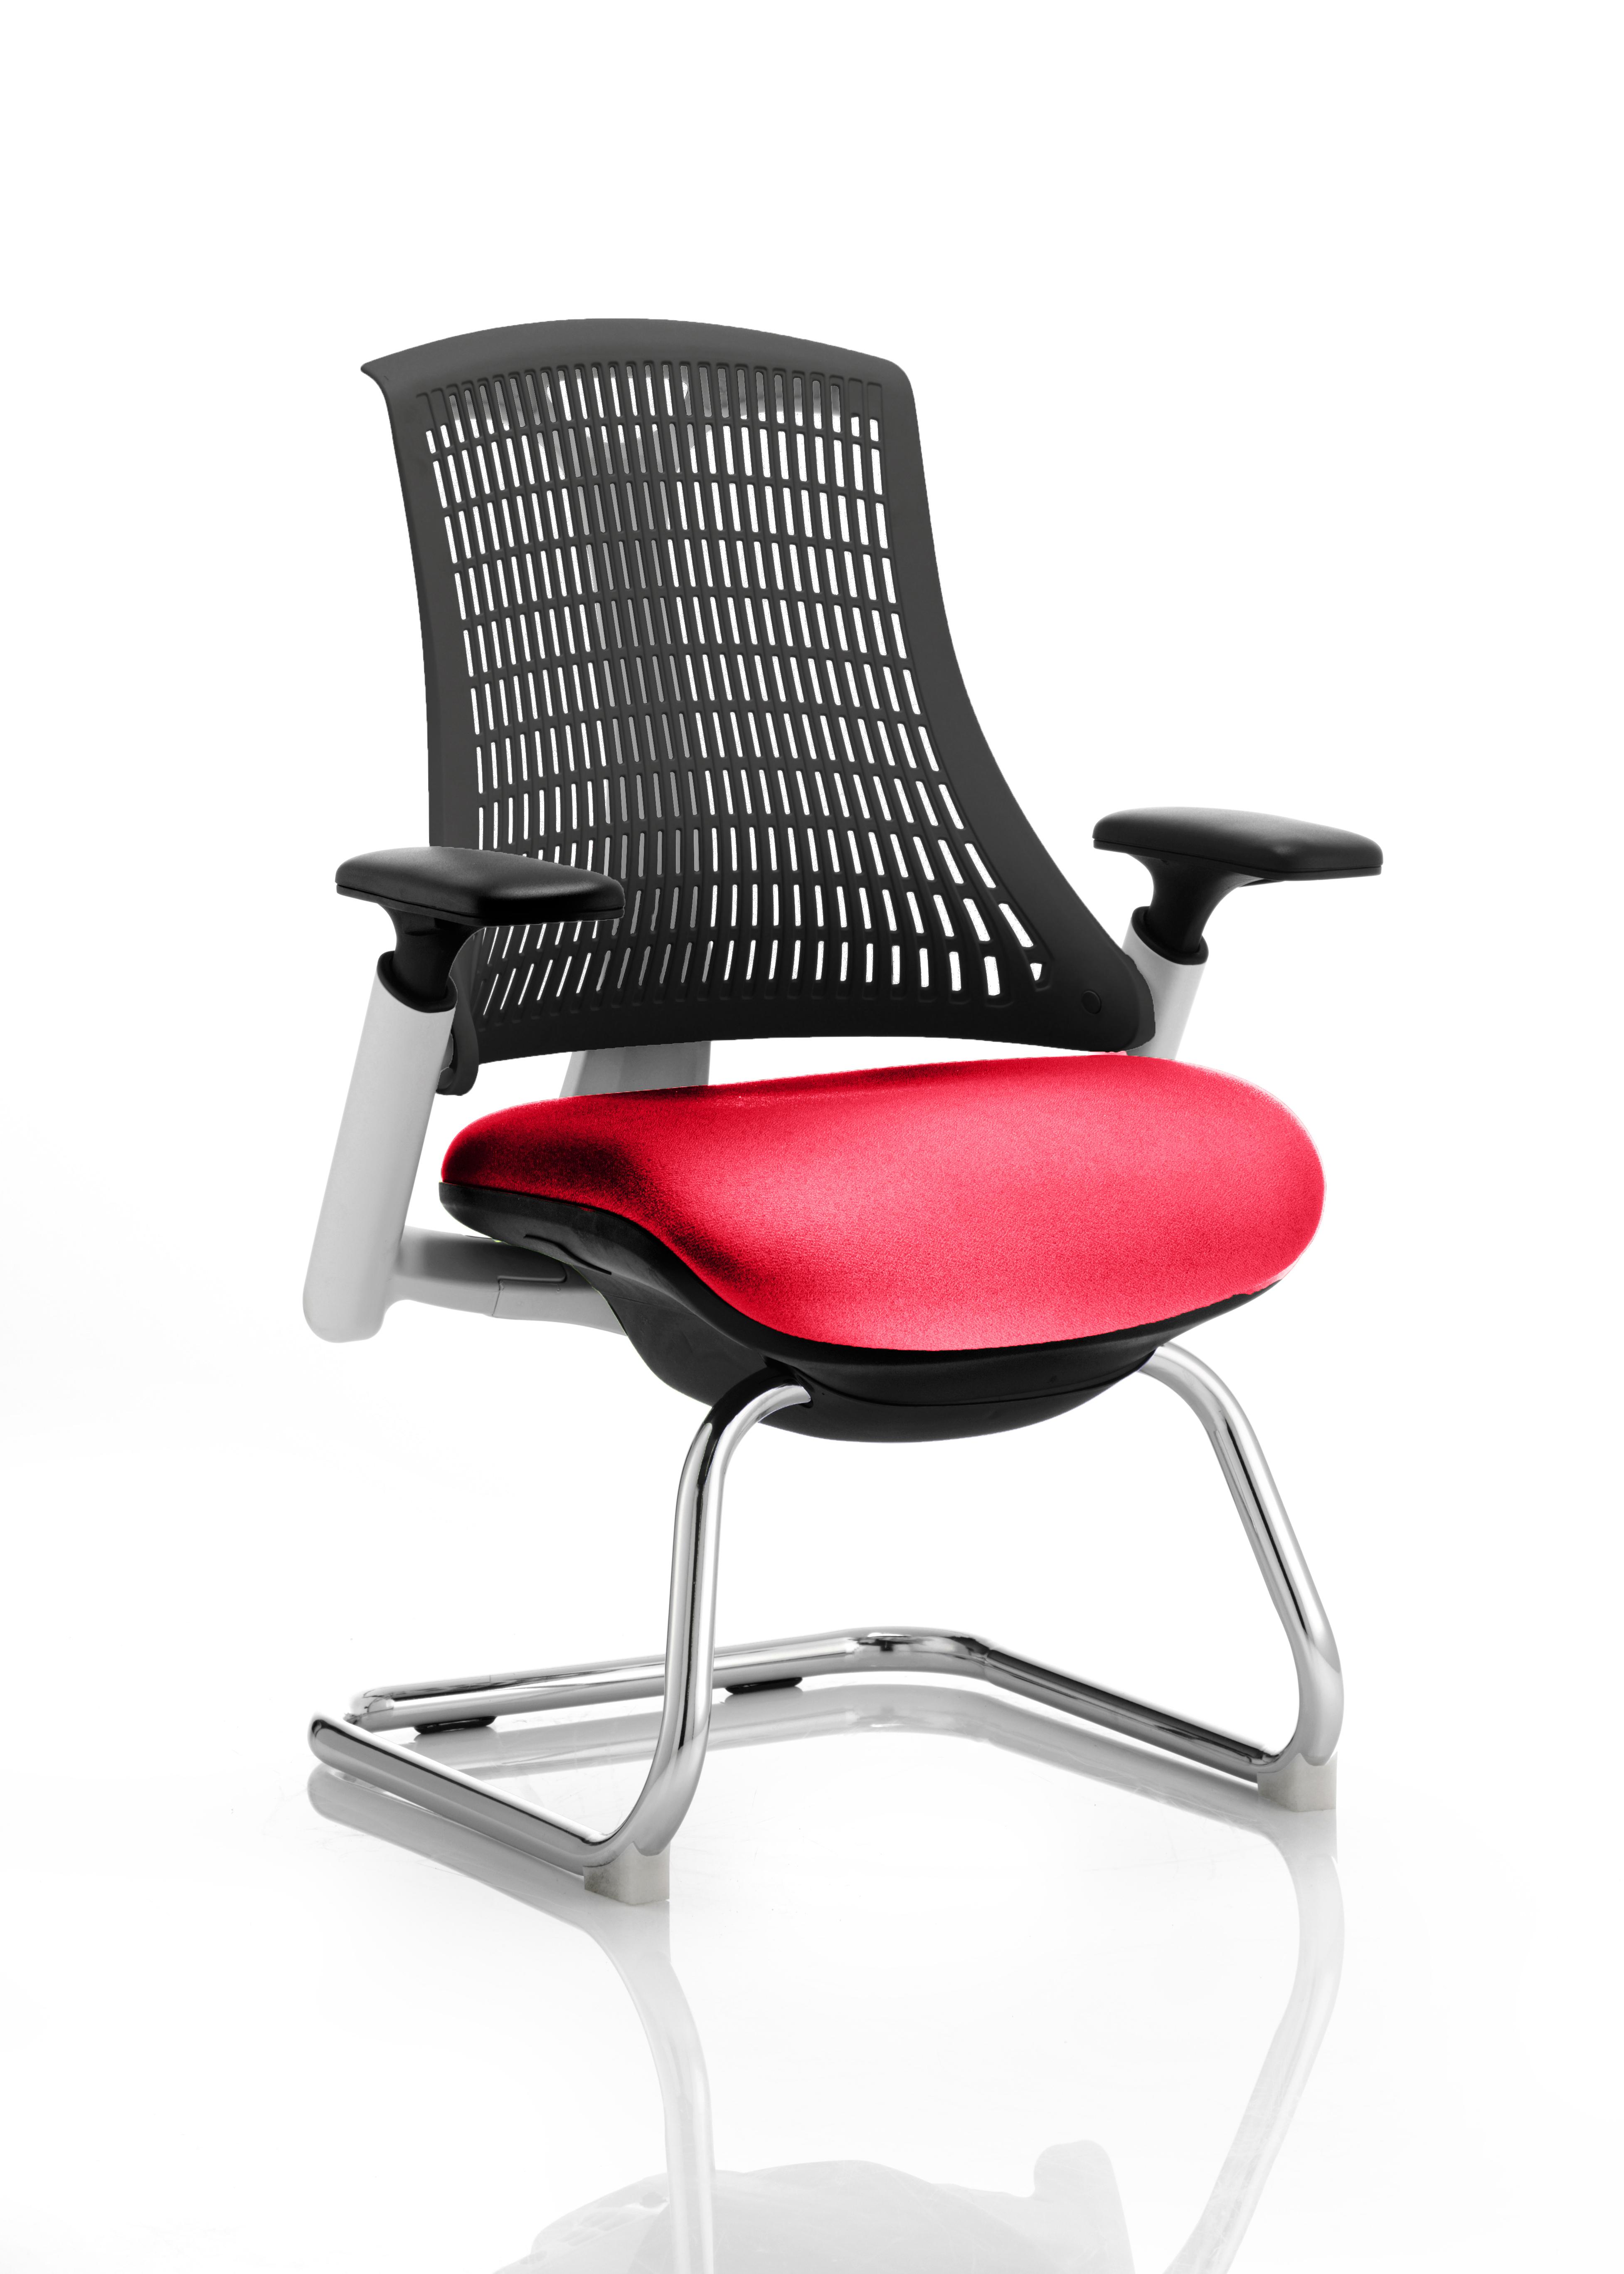 Flex Cantilever Chair White Frame Black Back Bespoke Colour Seat Bergamot Cherry